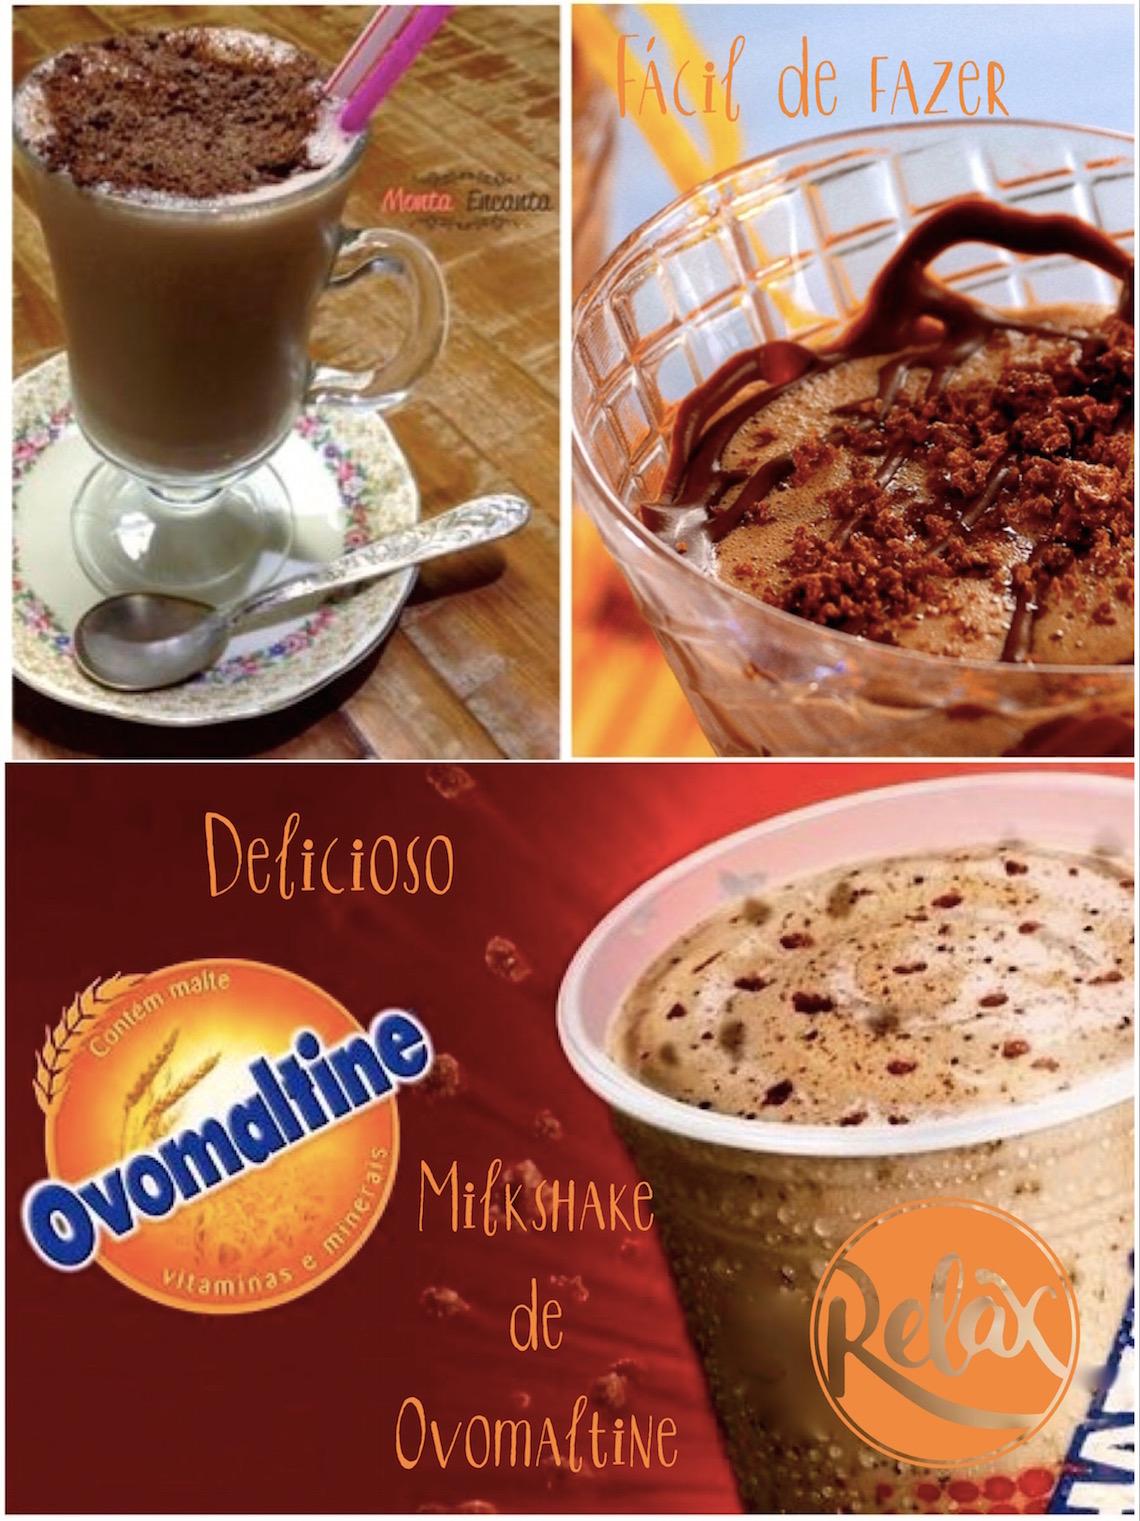 MilkShake Ovomaltine